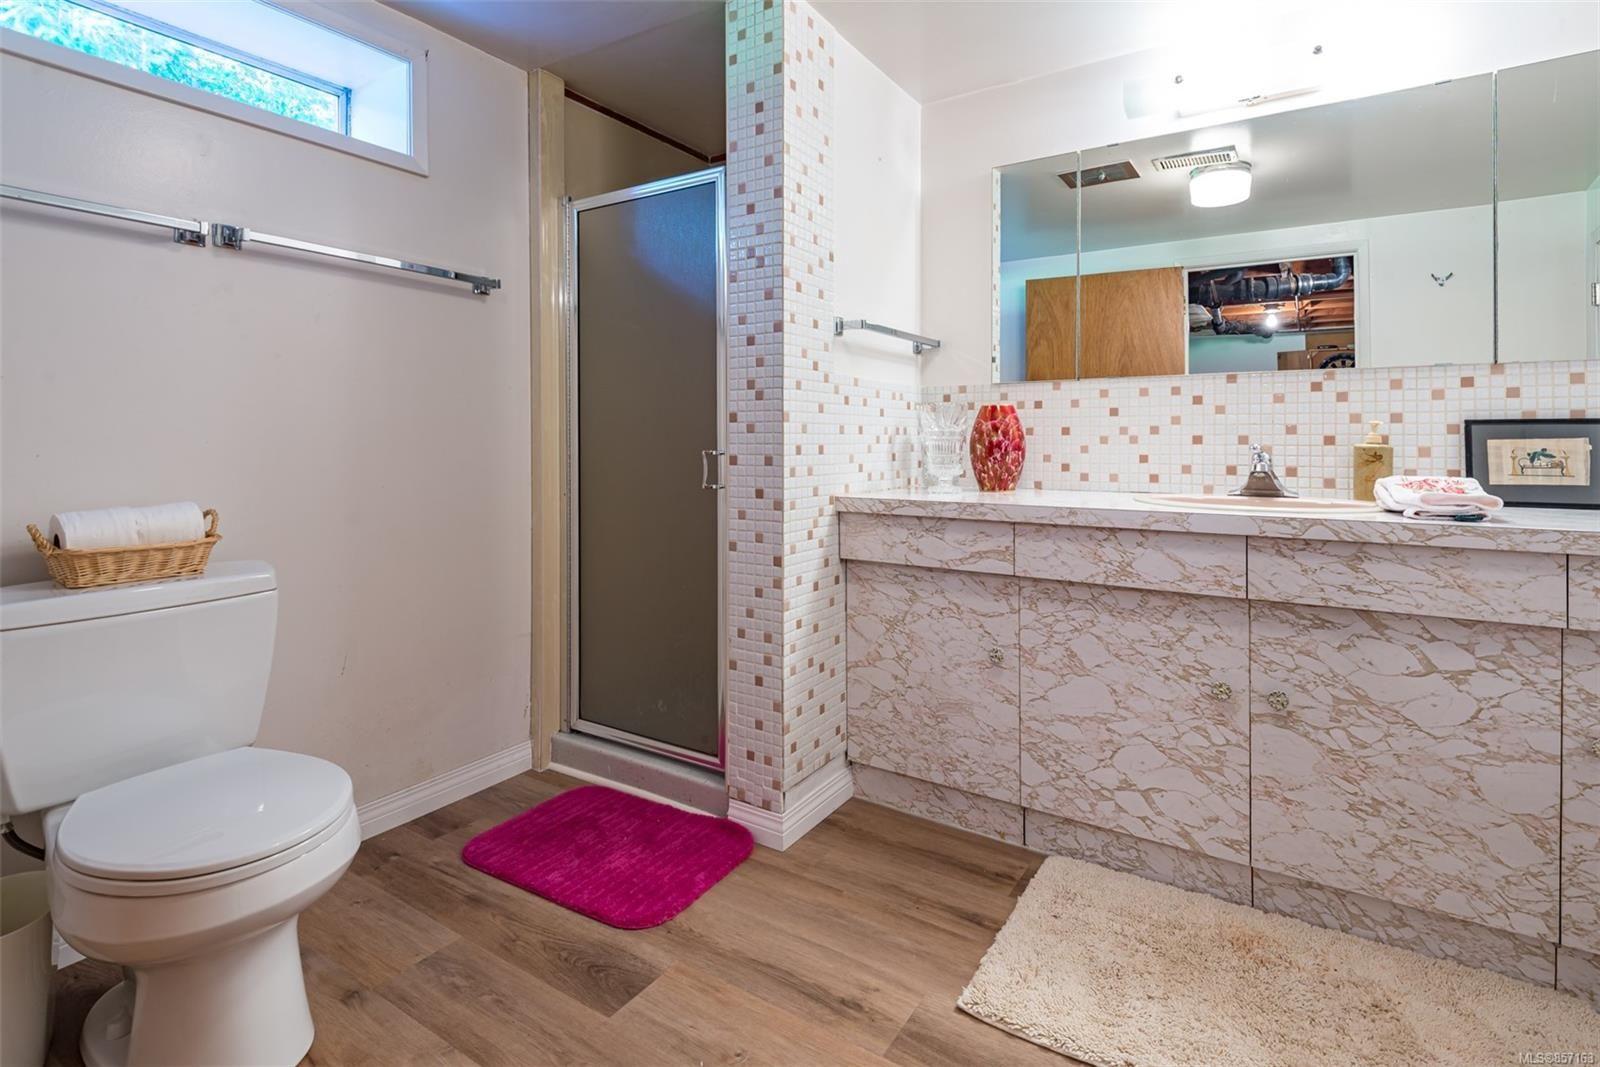 Photo 45: Photos: 4241 Buddington Rd in : CV Courtenay South House for sale (Comox Valley)  : MLS®# 857163